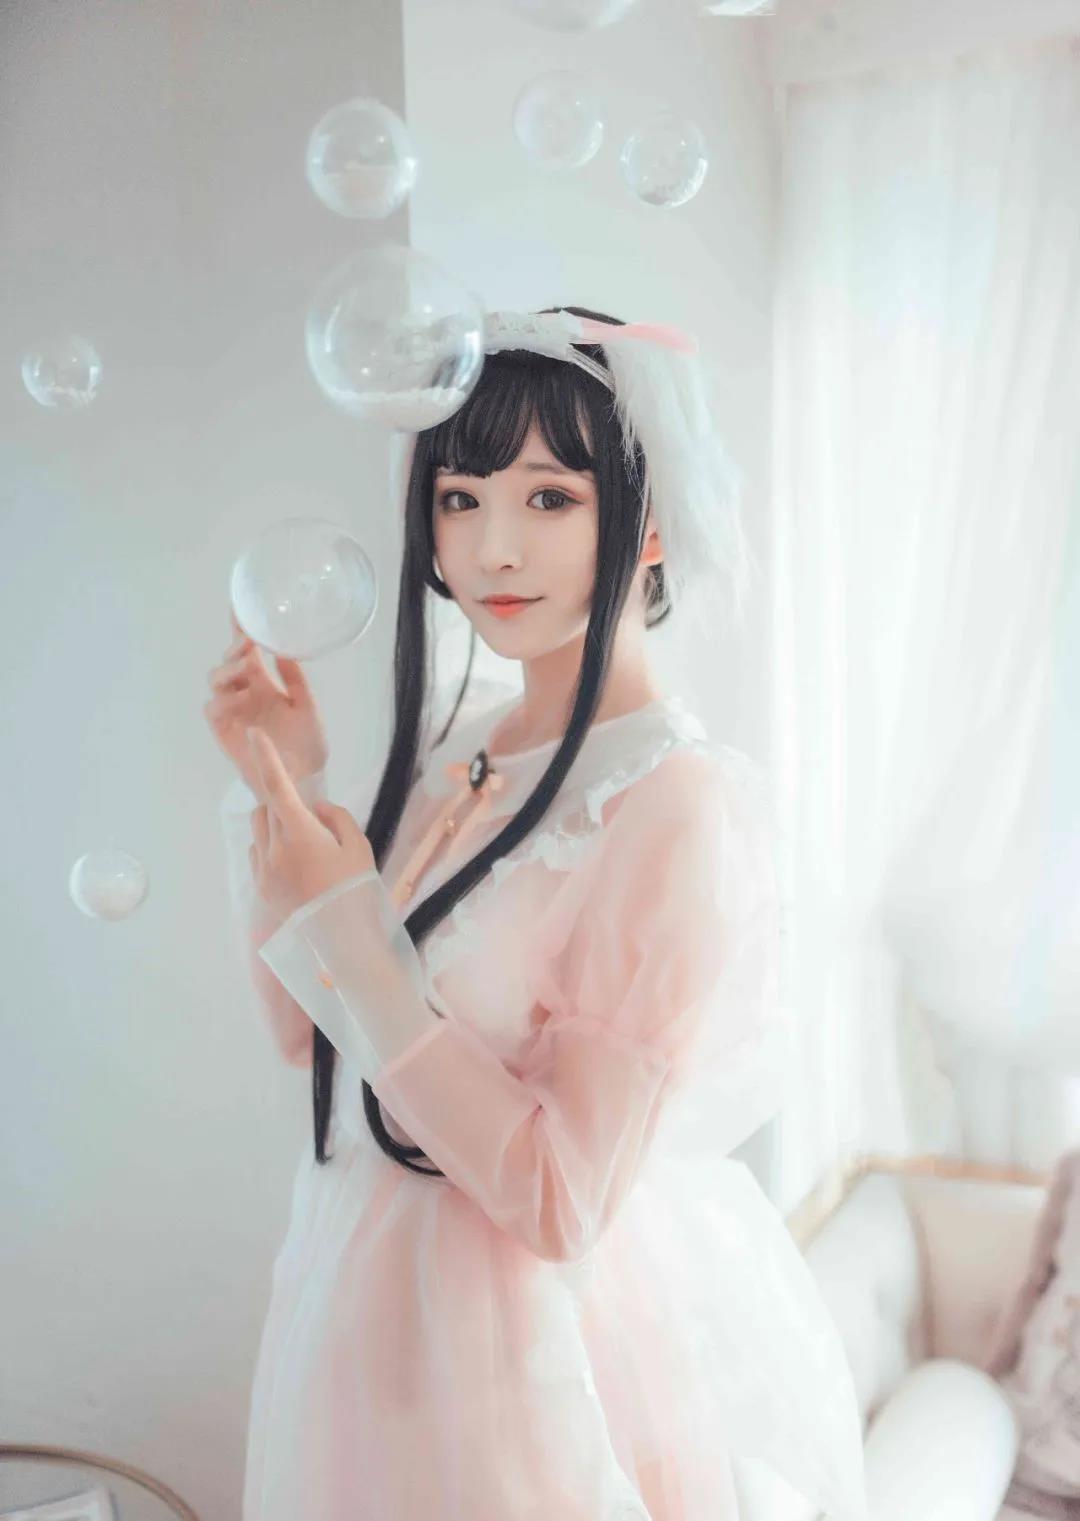 【四斋社妹子图】微博知名动漫COS妹子博主@喵糖映画 三位可爱女仆